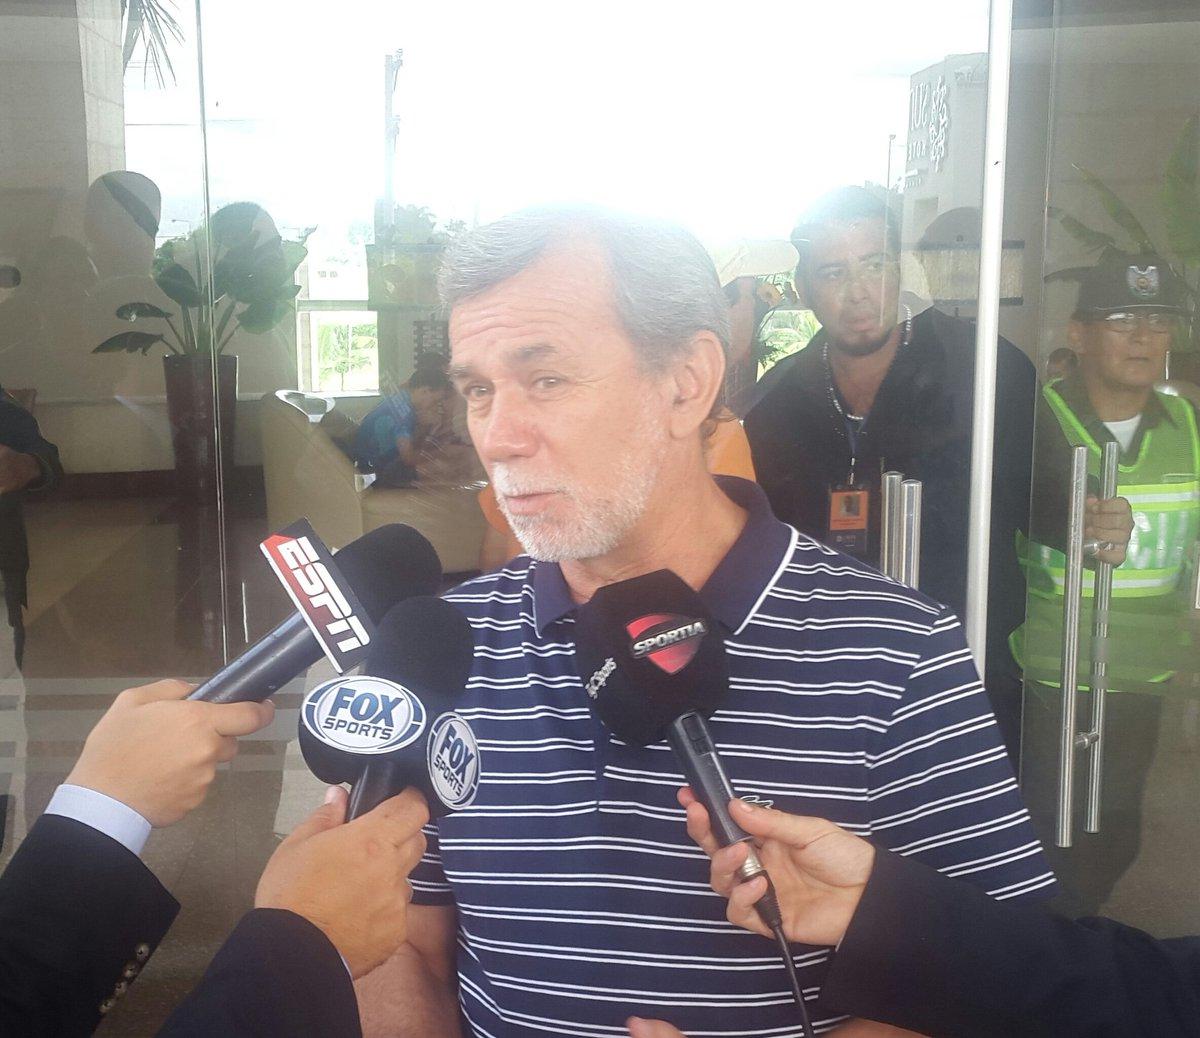 阿根廷足协高层:将向国际足联提出上诉